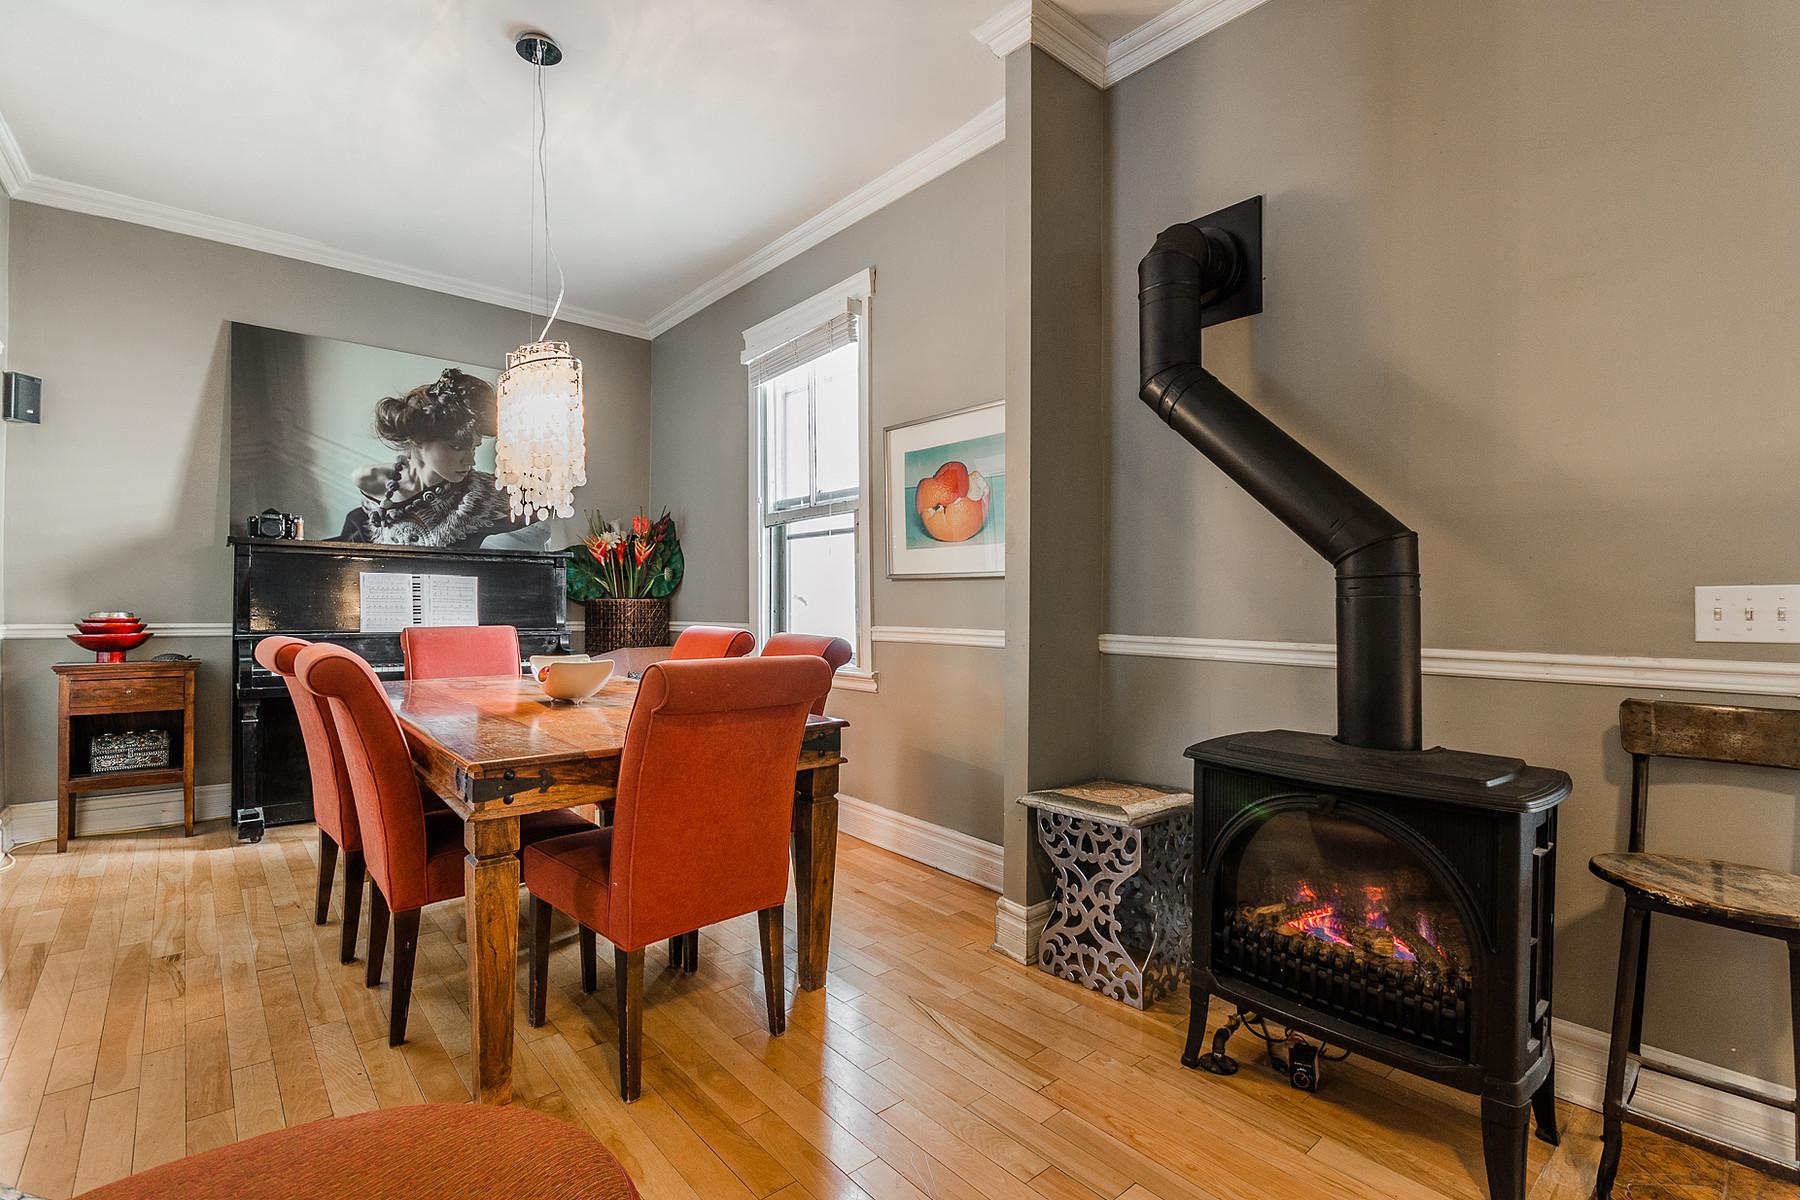 Additional photo for property listing at Le Plateau-Mont-Royal, Montréal 4805 Rue de la Roche Le Plateau Mont Royal, Quebec H2J3J8 Canada